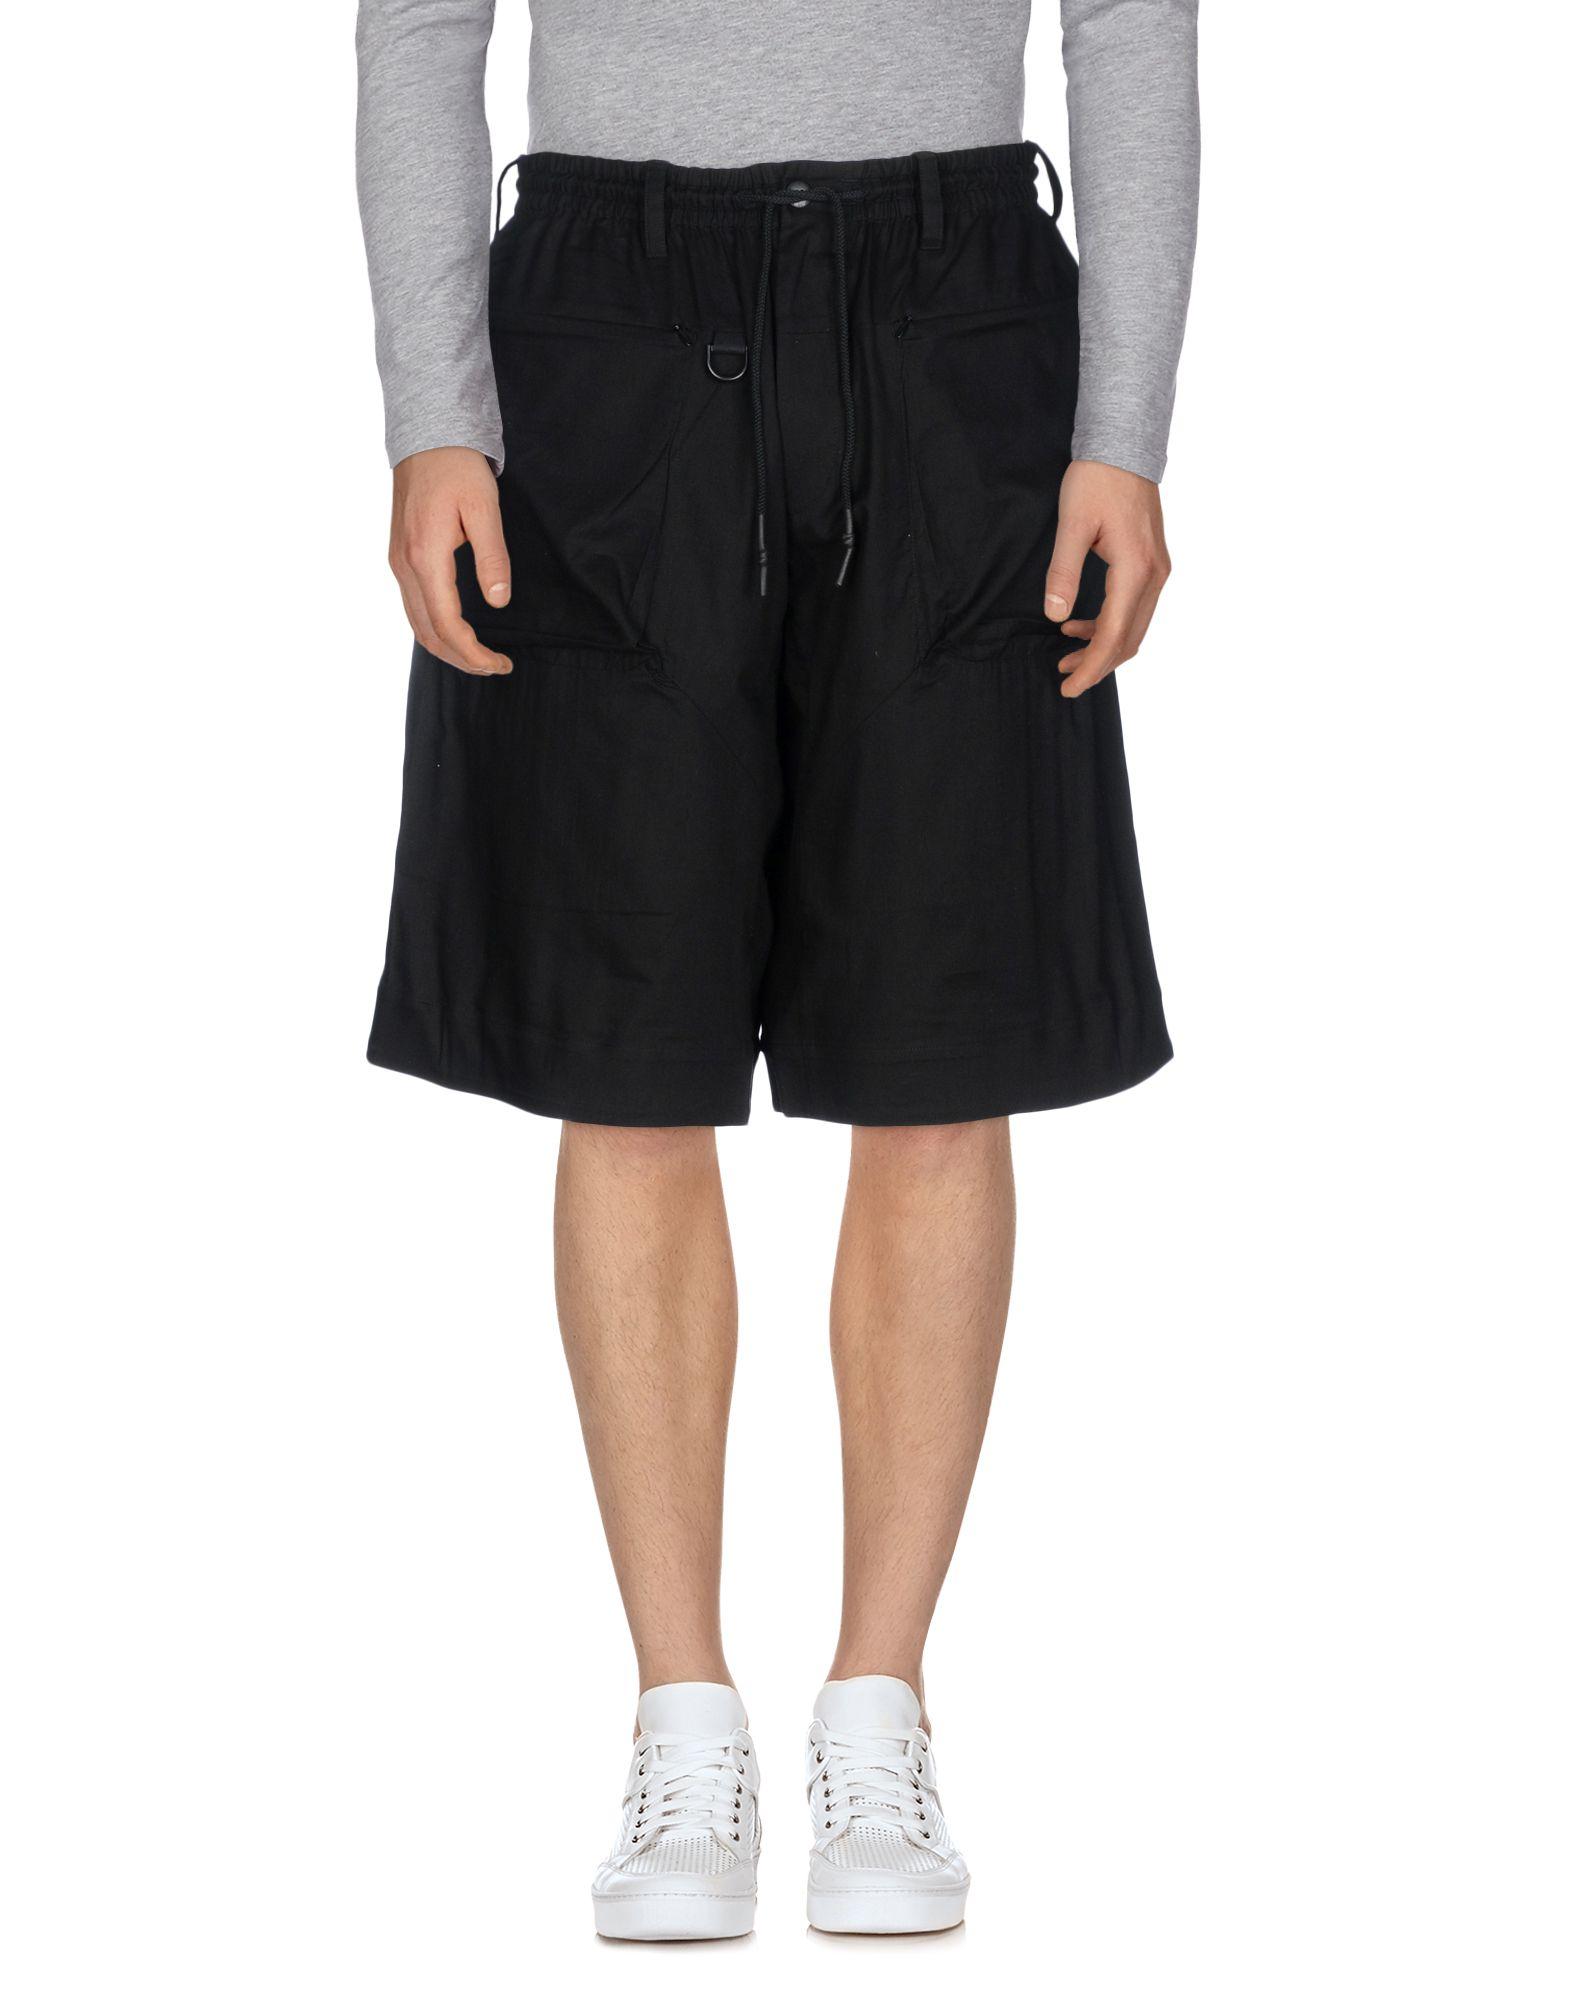 Shorts Y-3 Uomo - Acquista online su